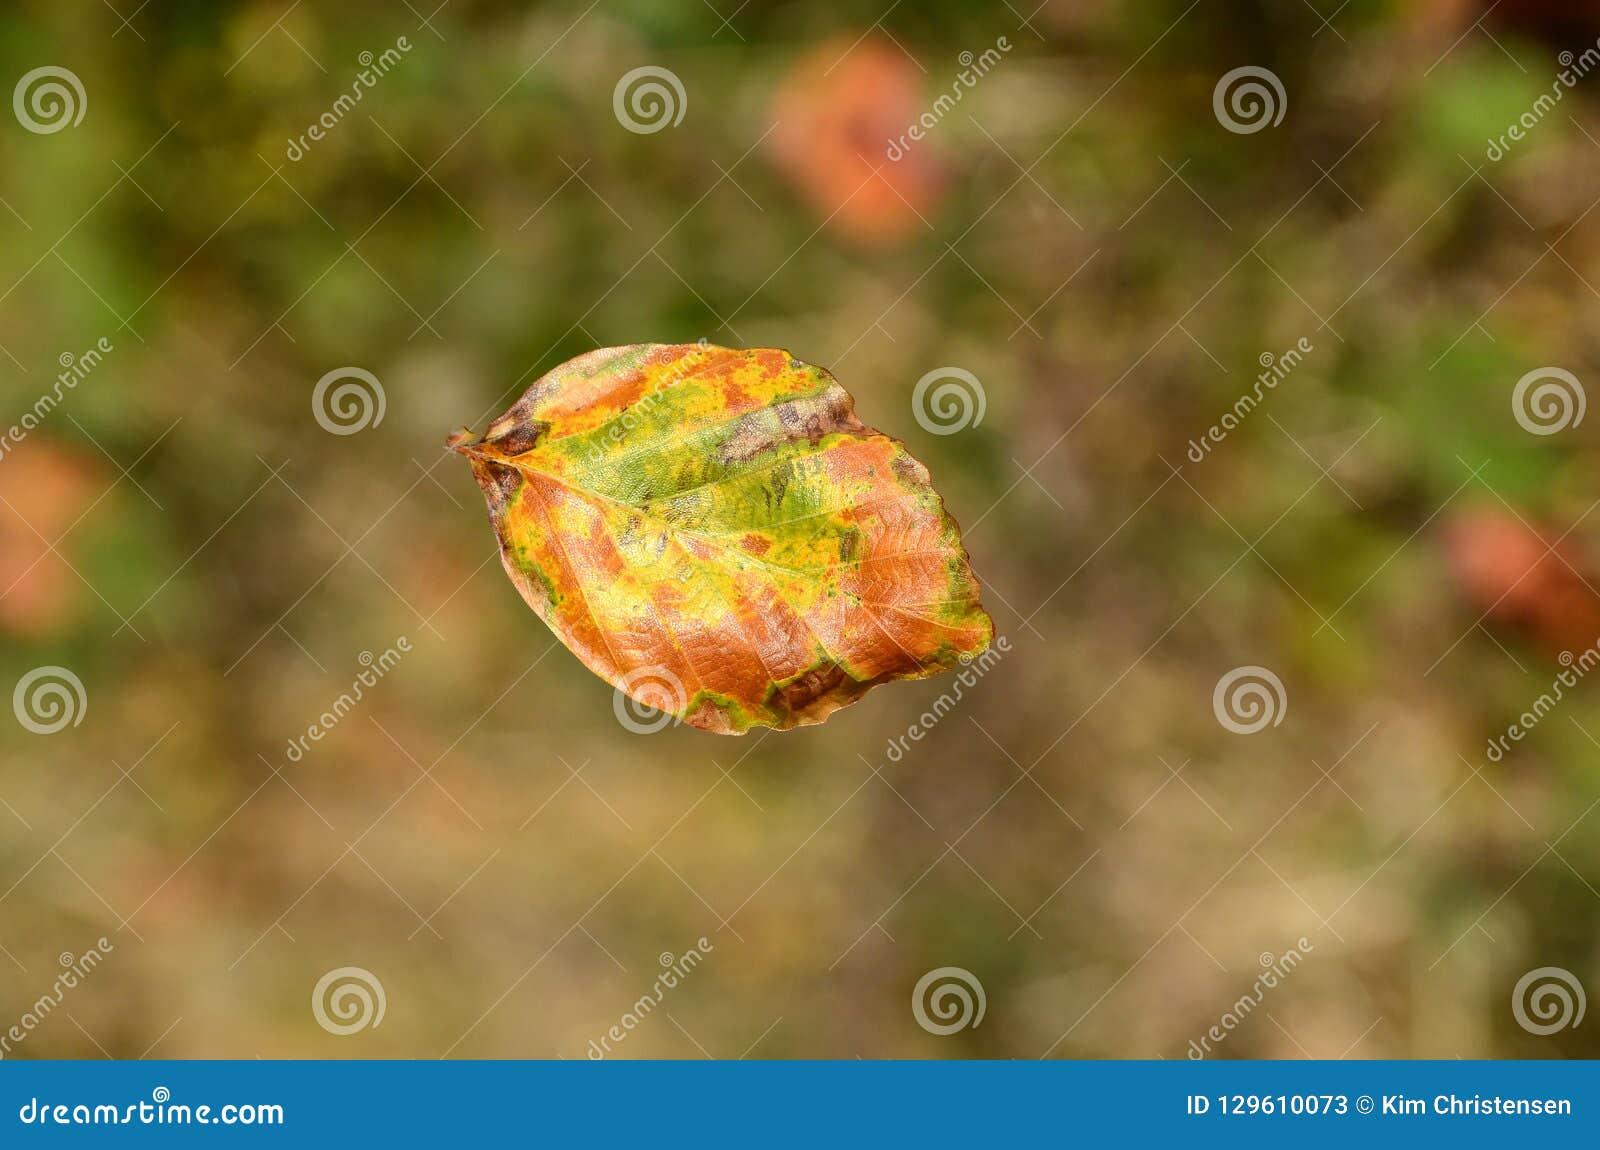 Falling leaf in midair